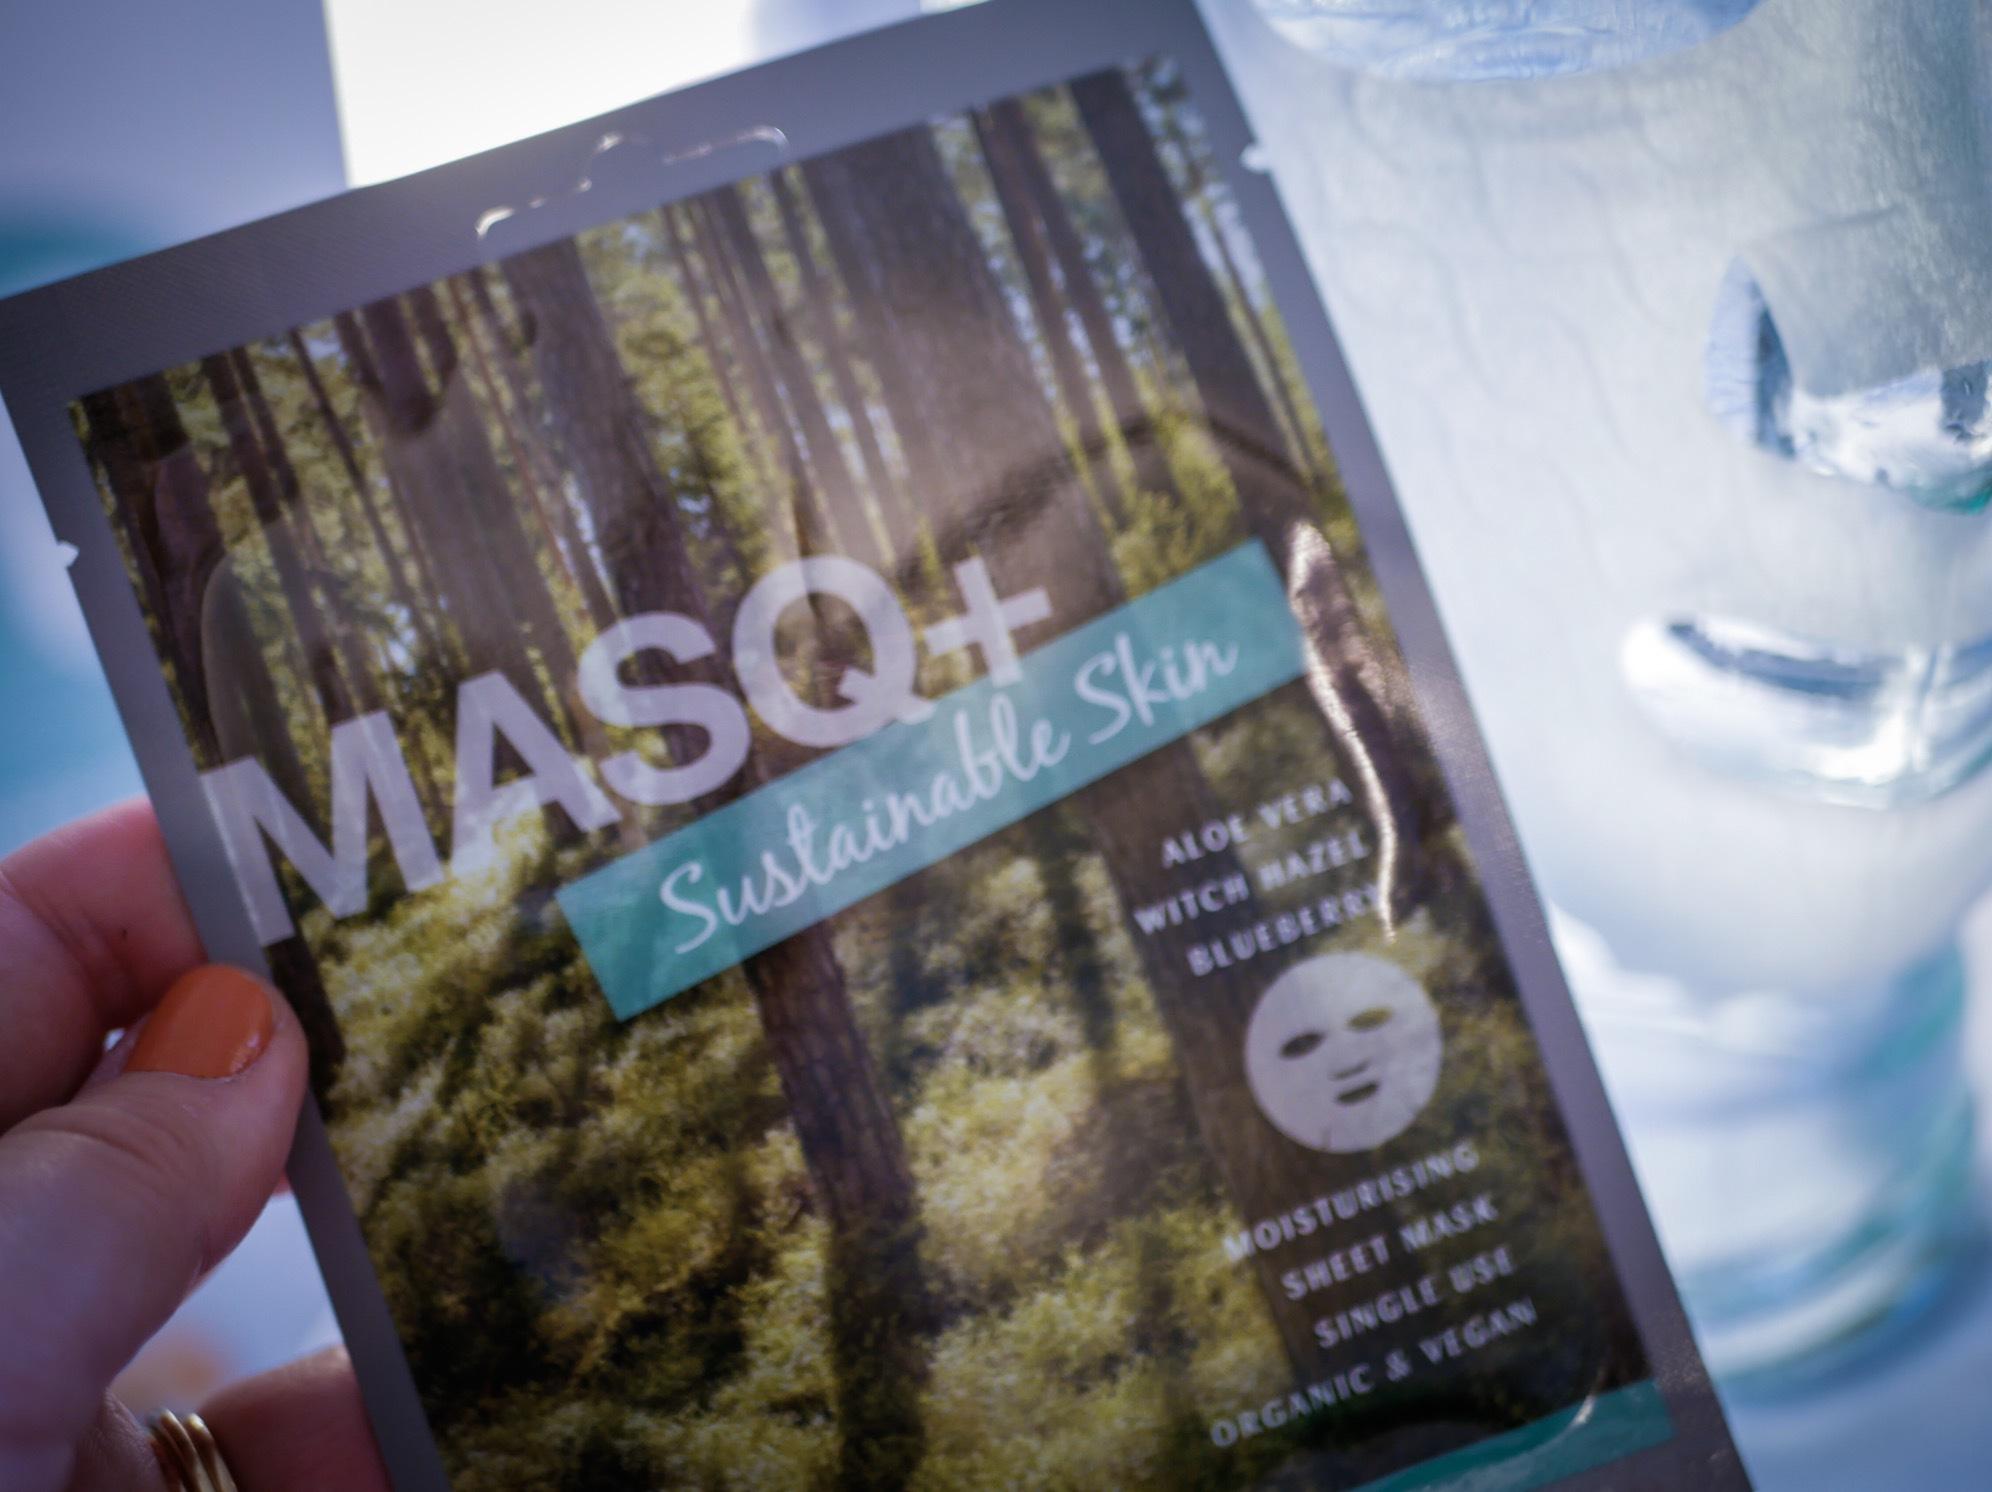 Masq+ Har släppt en ny mask där de har tänkt till i processen med framtagningen för att påverka miljön så lite som möjligt. Arket är gjort av nerbrytbart cellulosa och den är vegansk,